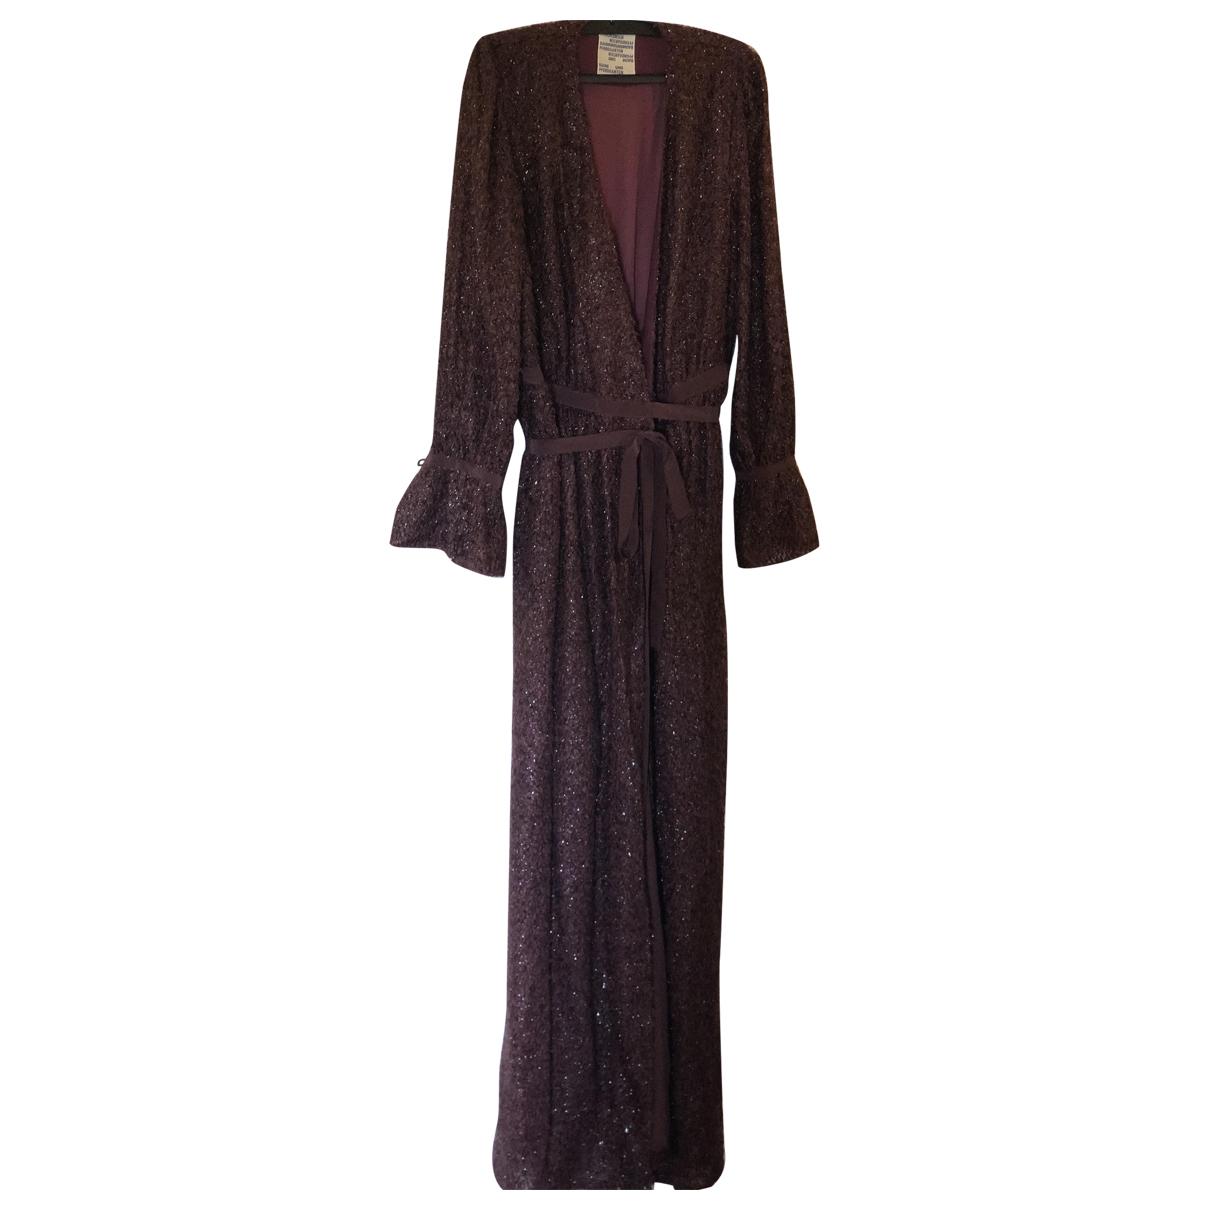 Baum Und Pferdgarten \N Burgundy dress for Women 36 FR